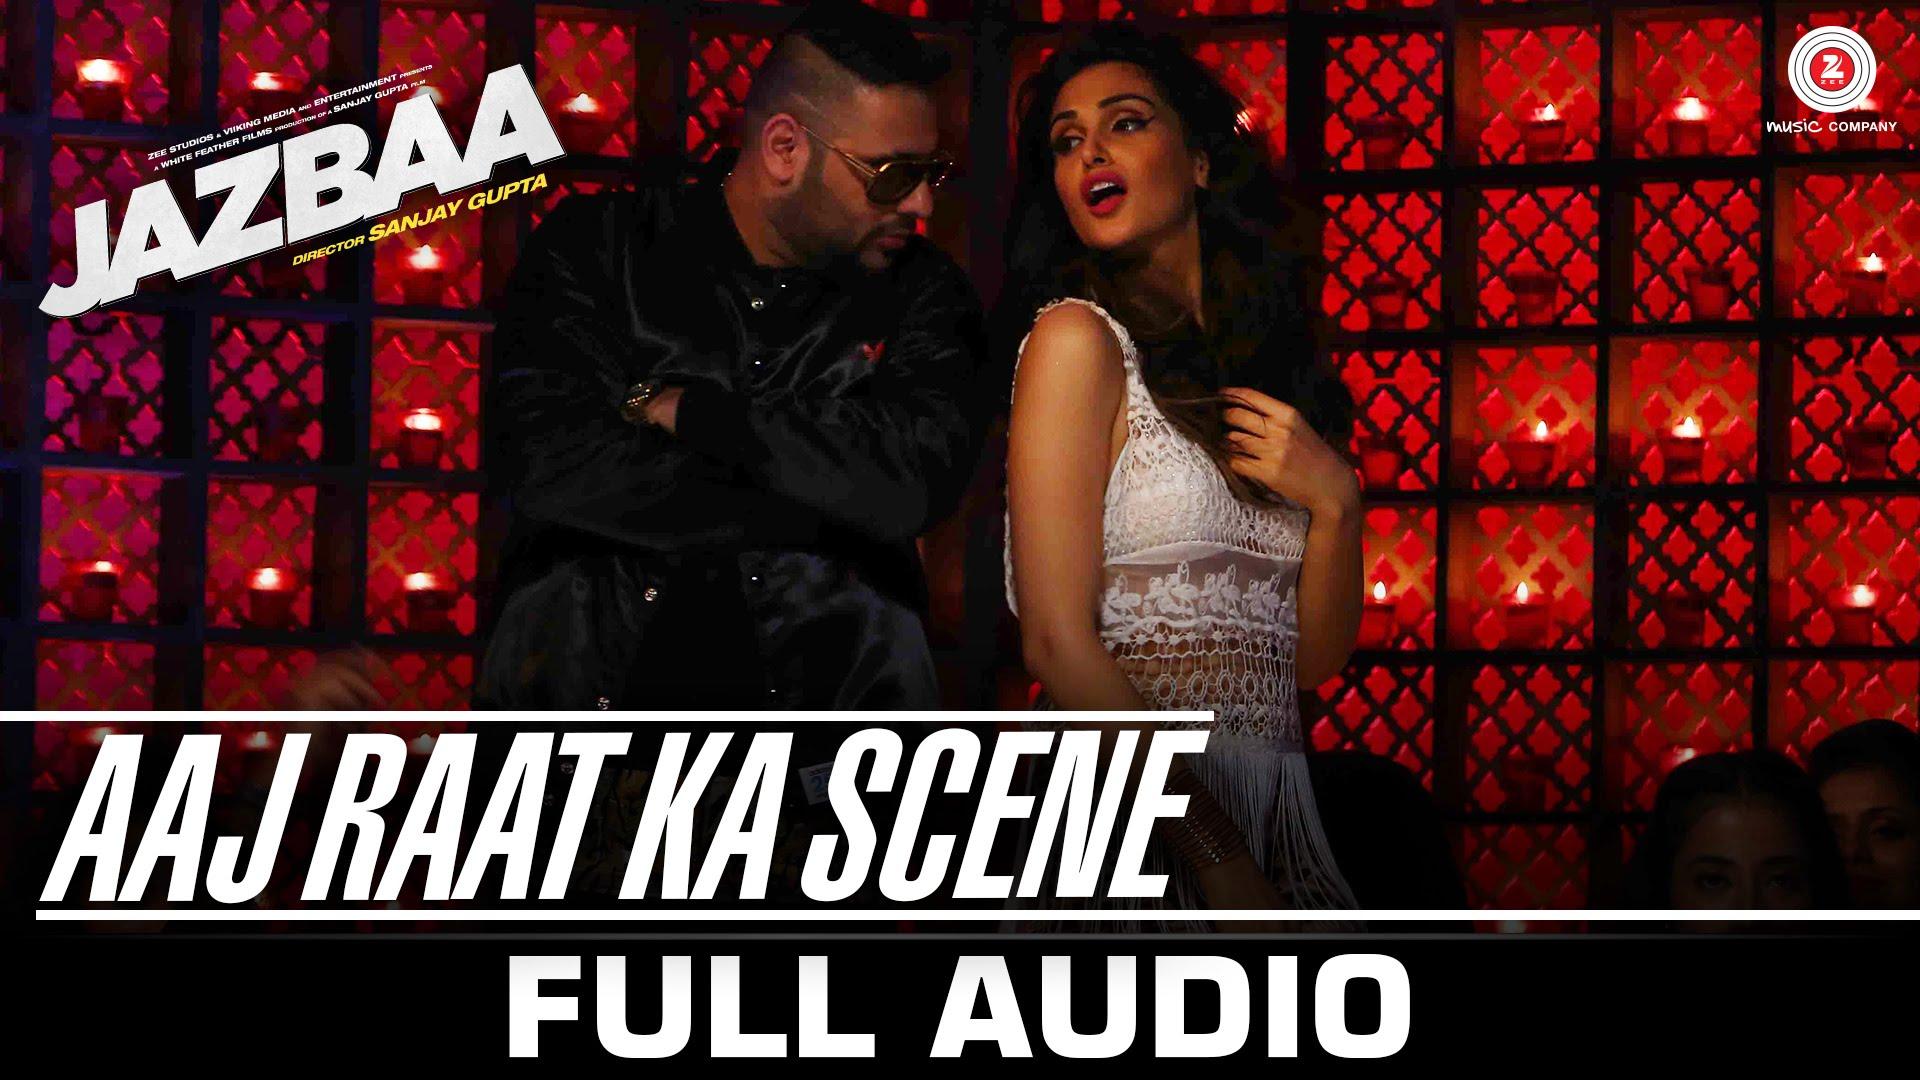 Aaj Raat Ka Scene Song | Lyrics & Video | Badshah Rap in Jazbaa